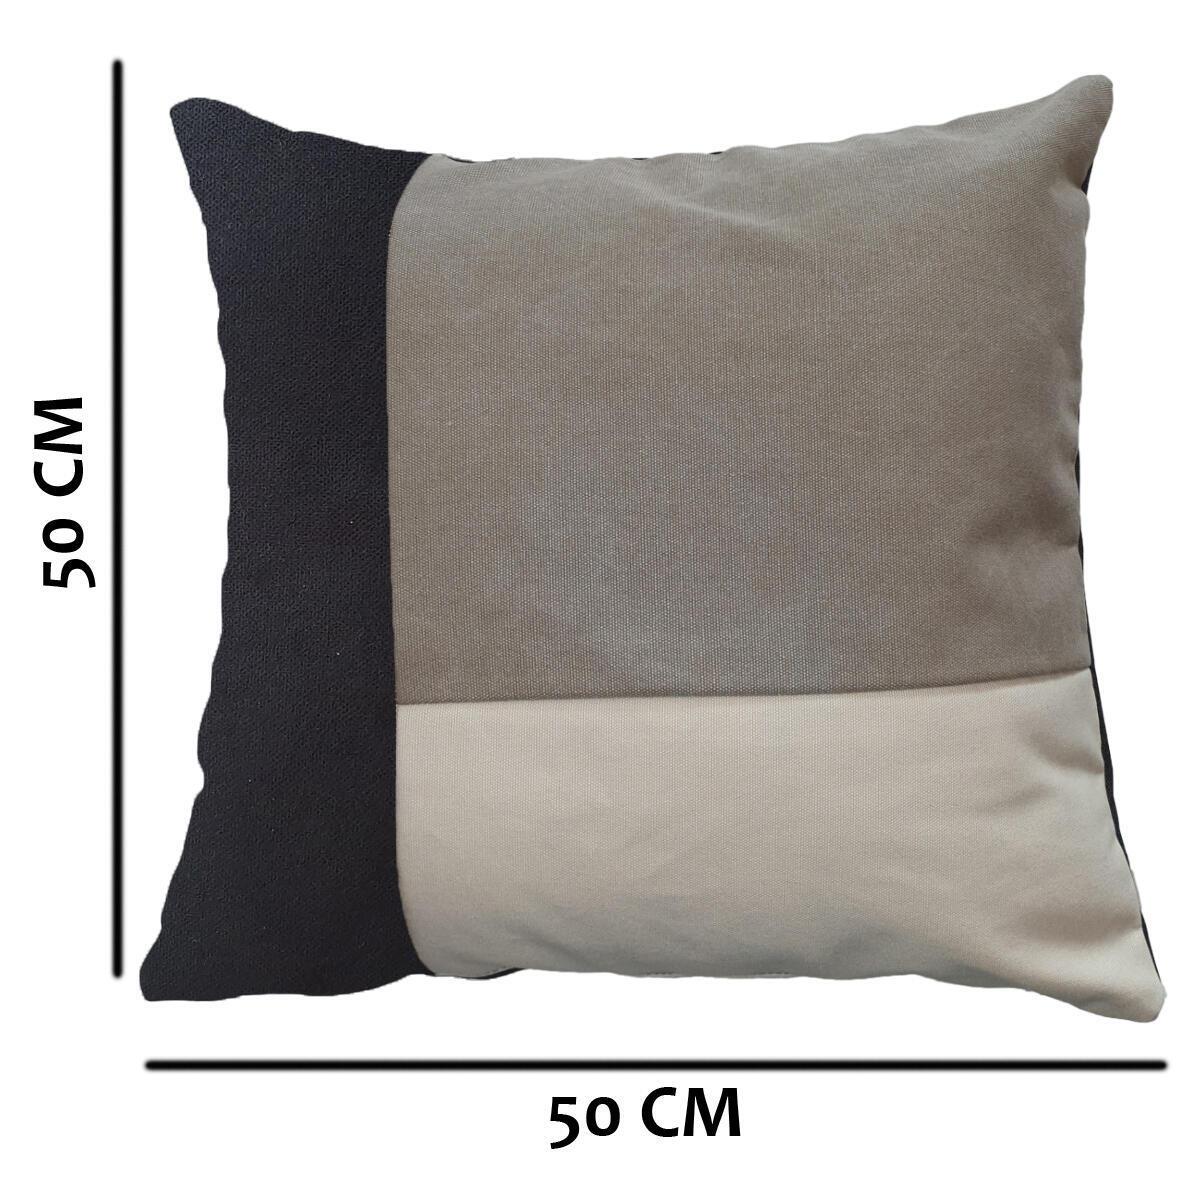 Cuscino Patch grigio 50x50 cm - 4